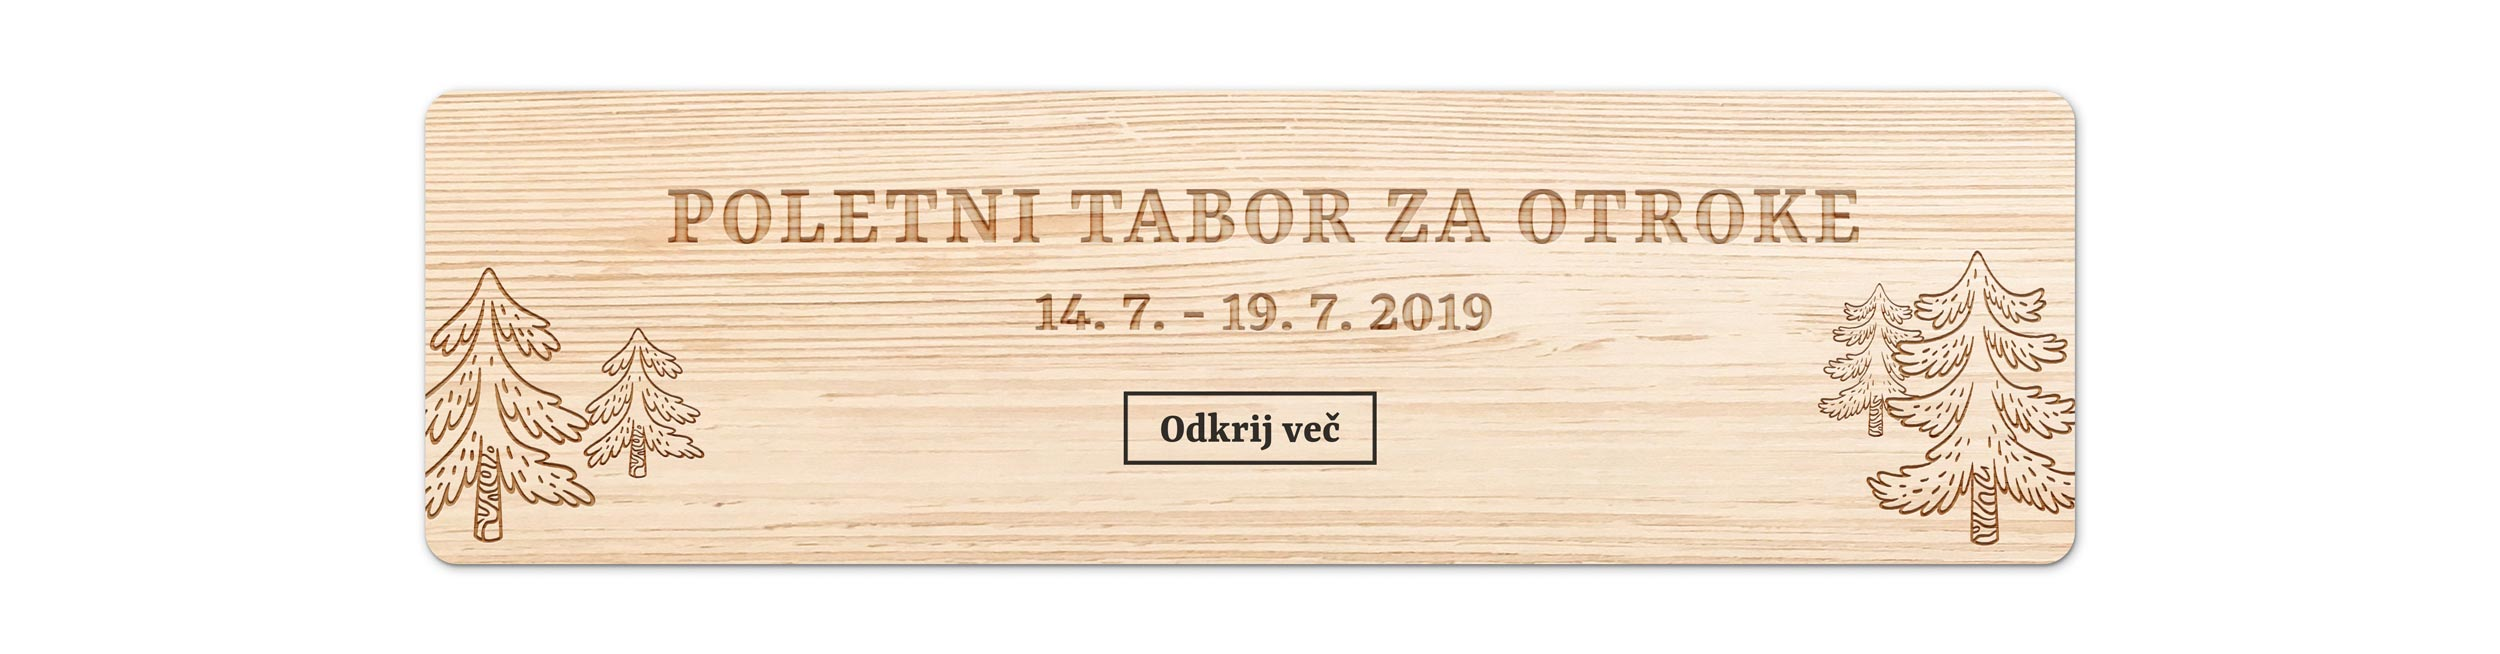 Zgornji-Zavratnik-poletni-tabor-za-otroke-2019